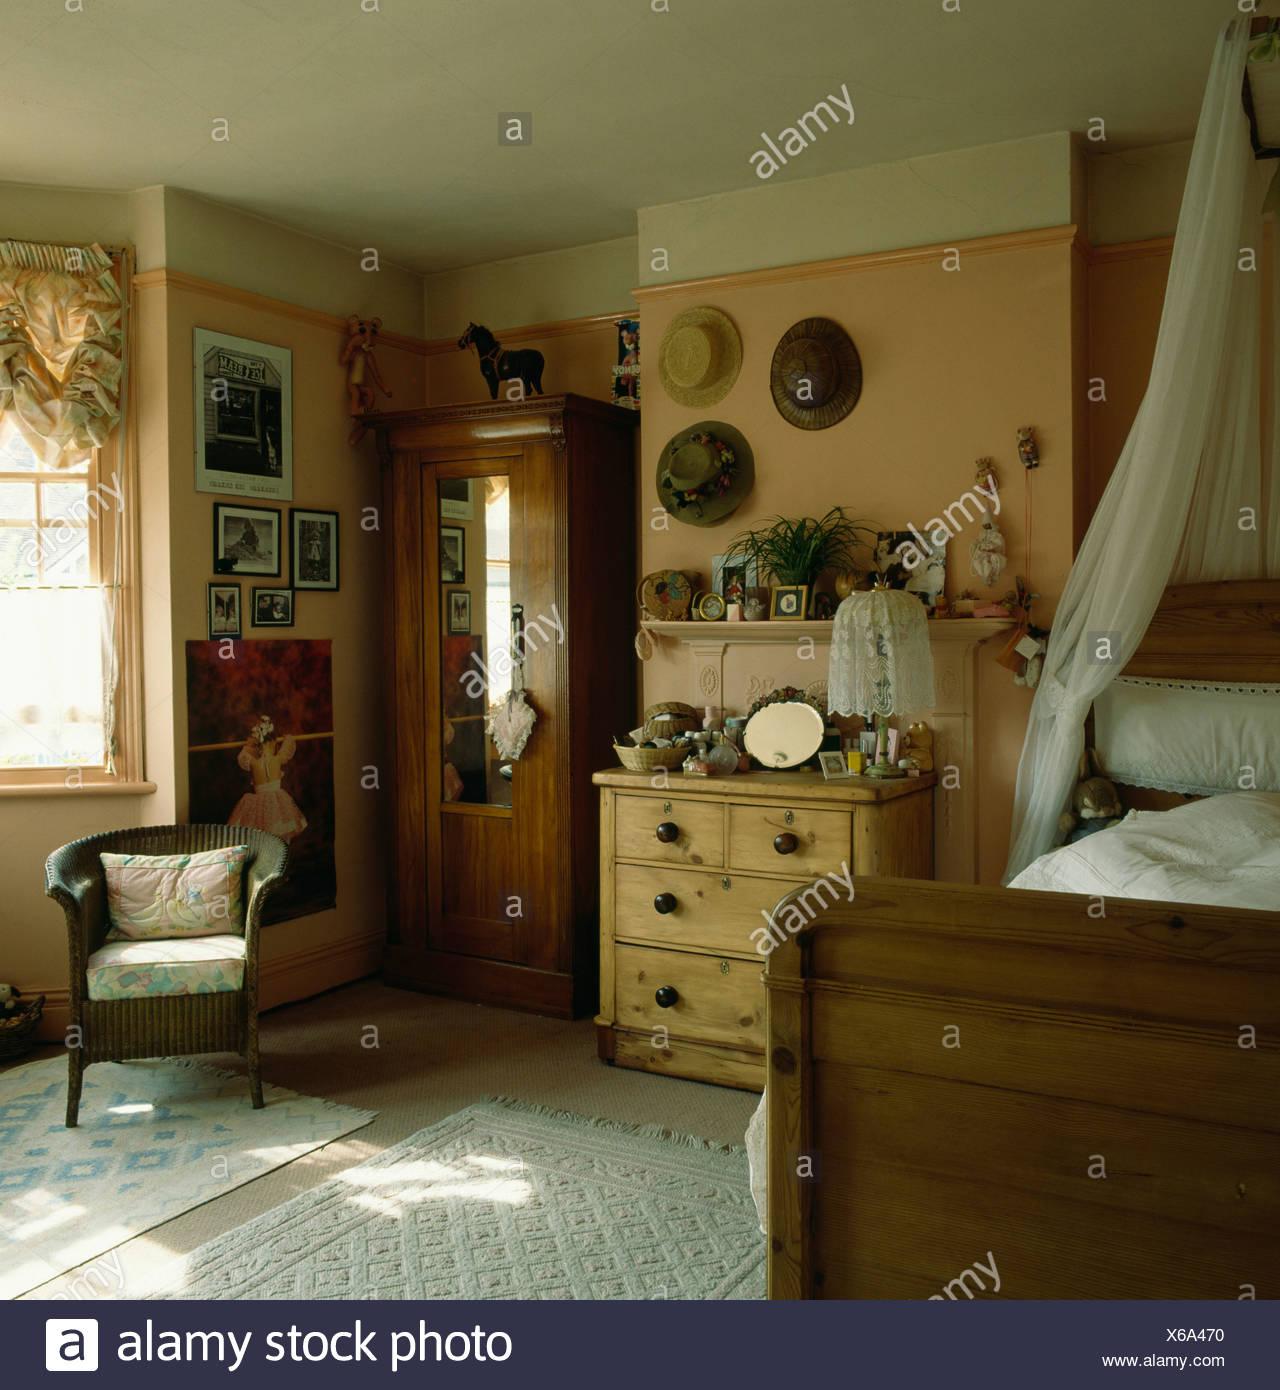 Land Schlafzimmer Mit Voile Vorhange Uber Dem Bett Und Kiefer